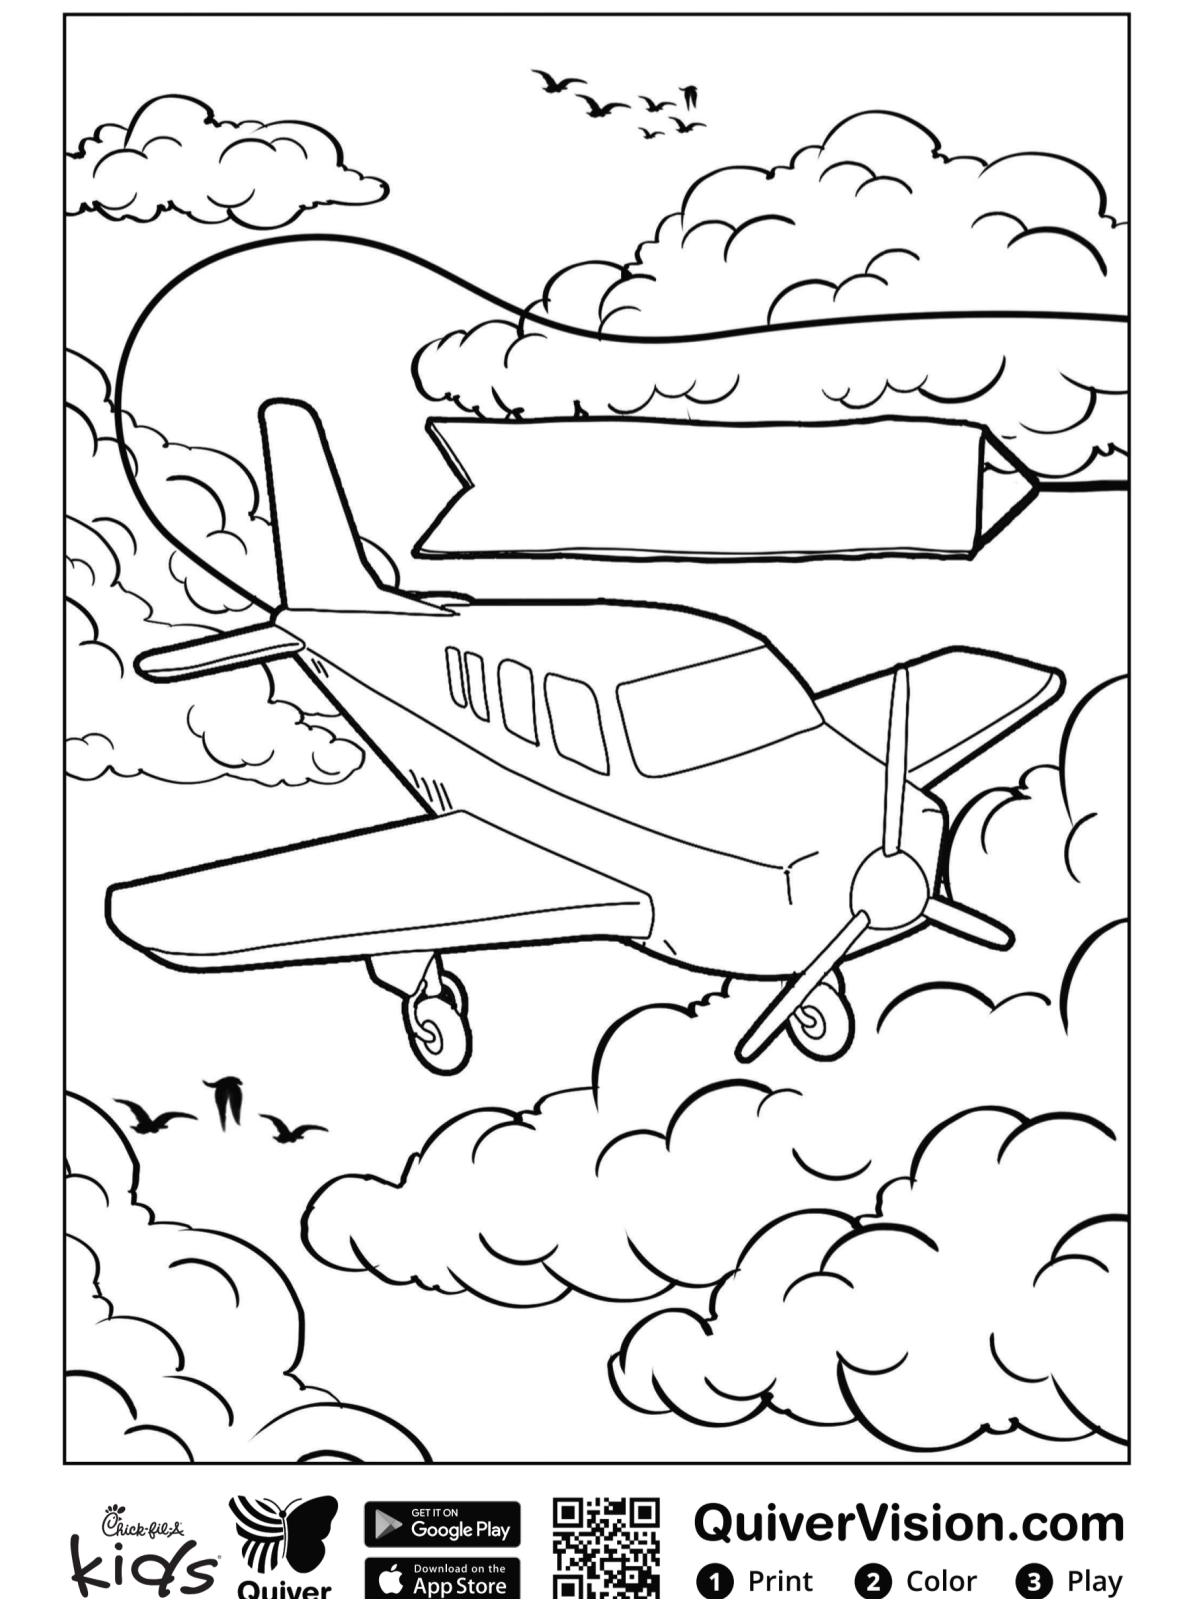 Kids-n-fun.de  Malvorlage Quiver Flugzeug